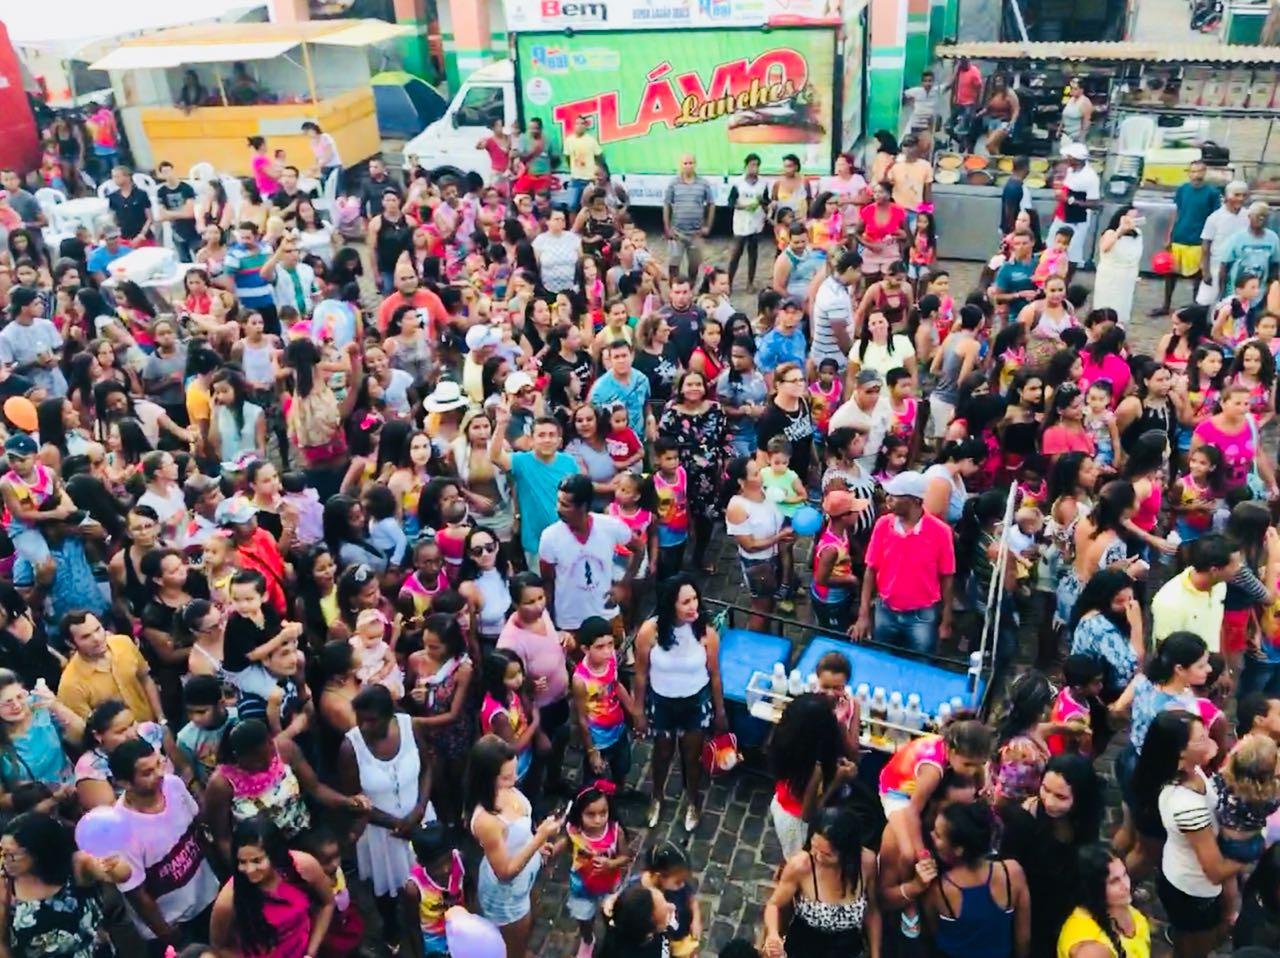 UIBA-57-ANOS-Bloco-Infantil-e-atraes-musicais-so-destaques-no-segundo-dia-de-festa